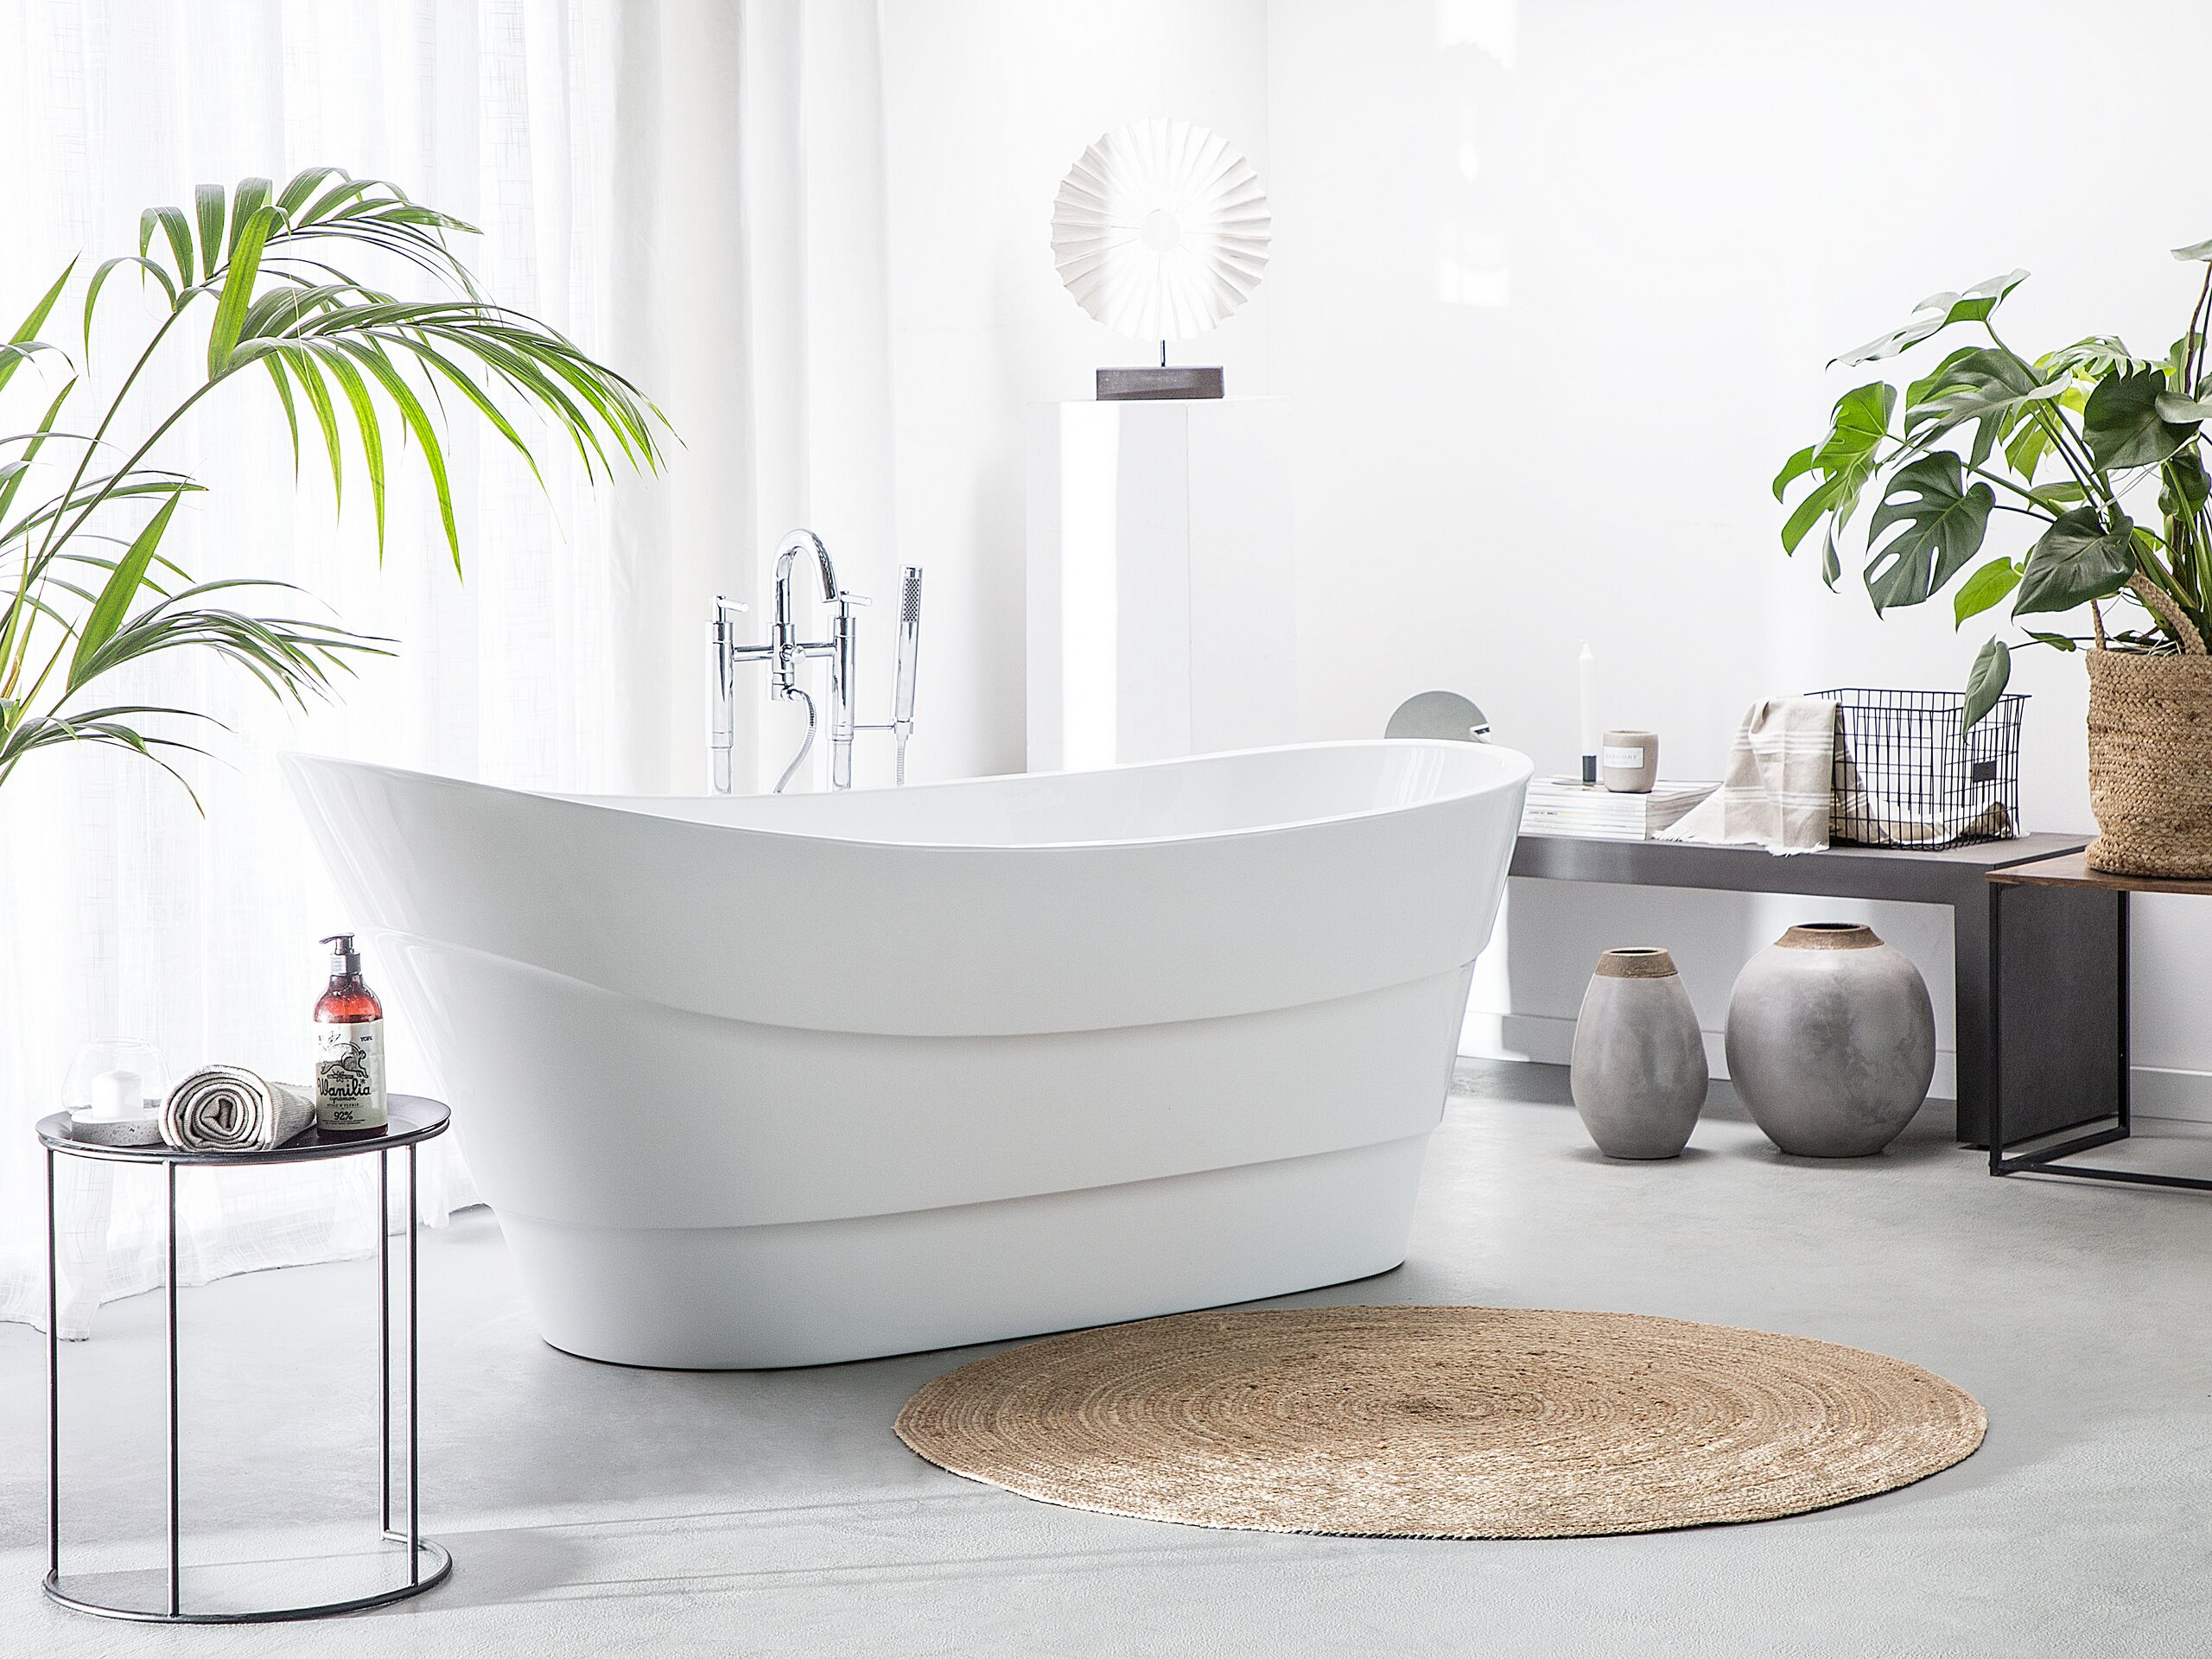 Banheira autónoma em branco BUENAVISTA